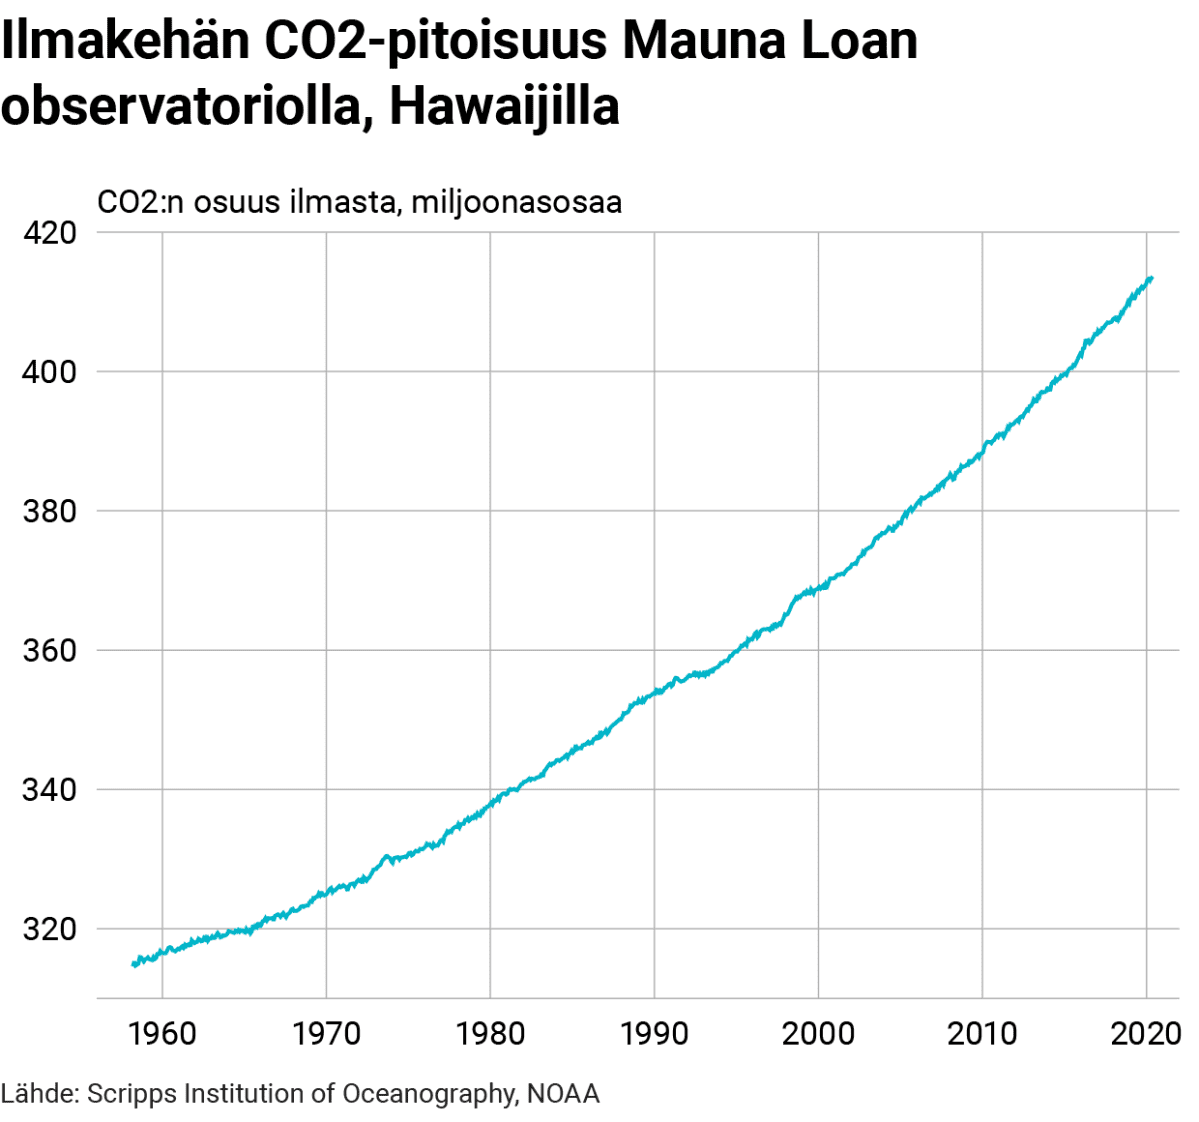 Tilastografiikka ilmakehän hiilidioksidipitoisuudesta Havaijilla.